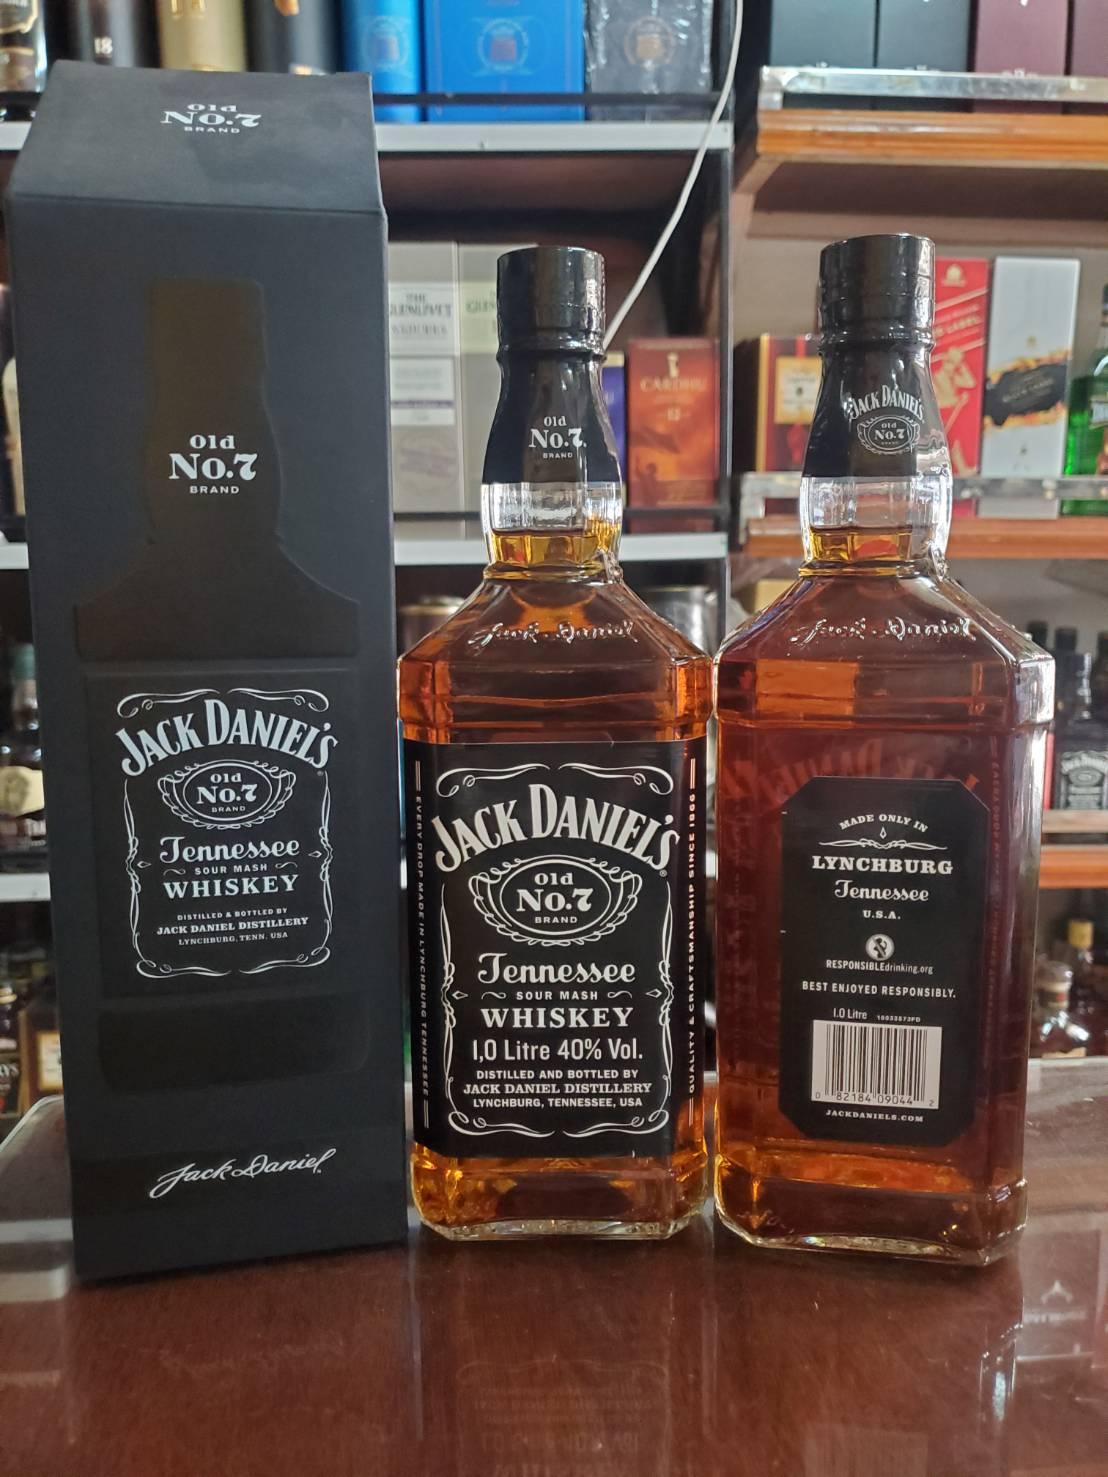 Jack Daniel's Old No.7 ขนาด 1L